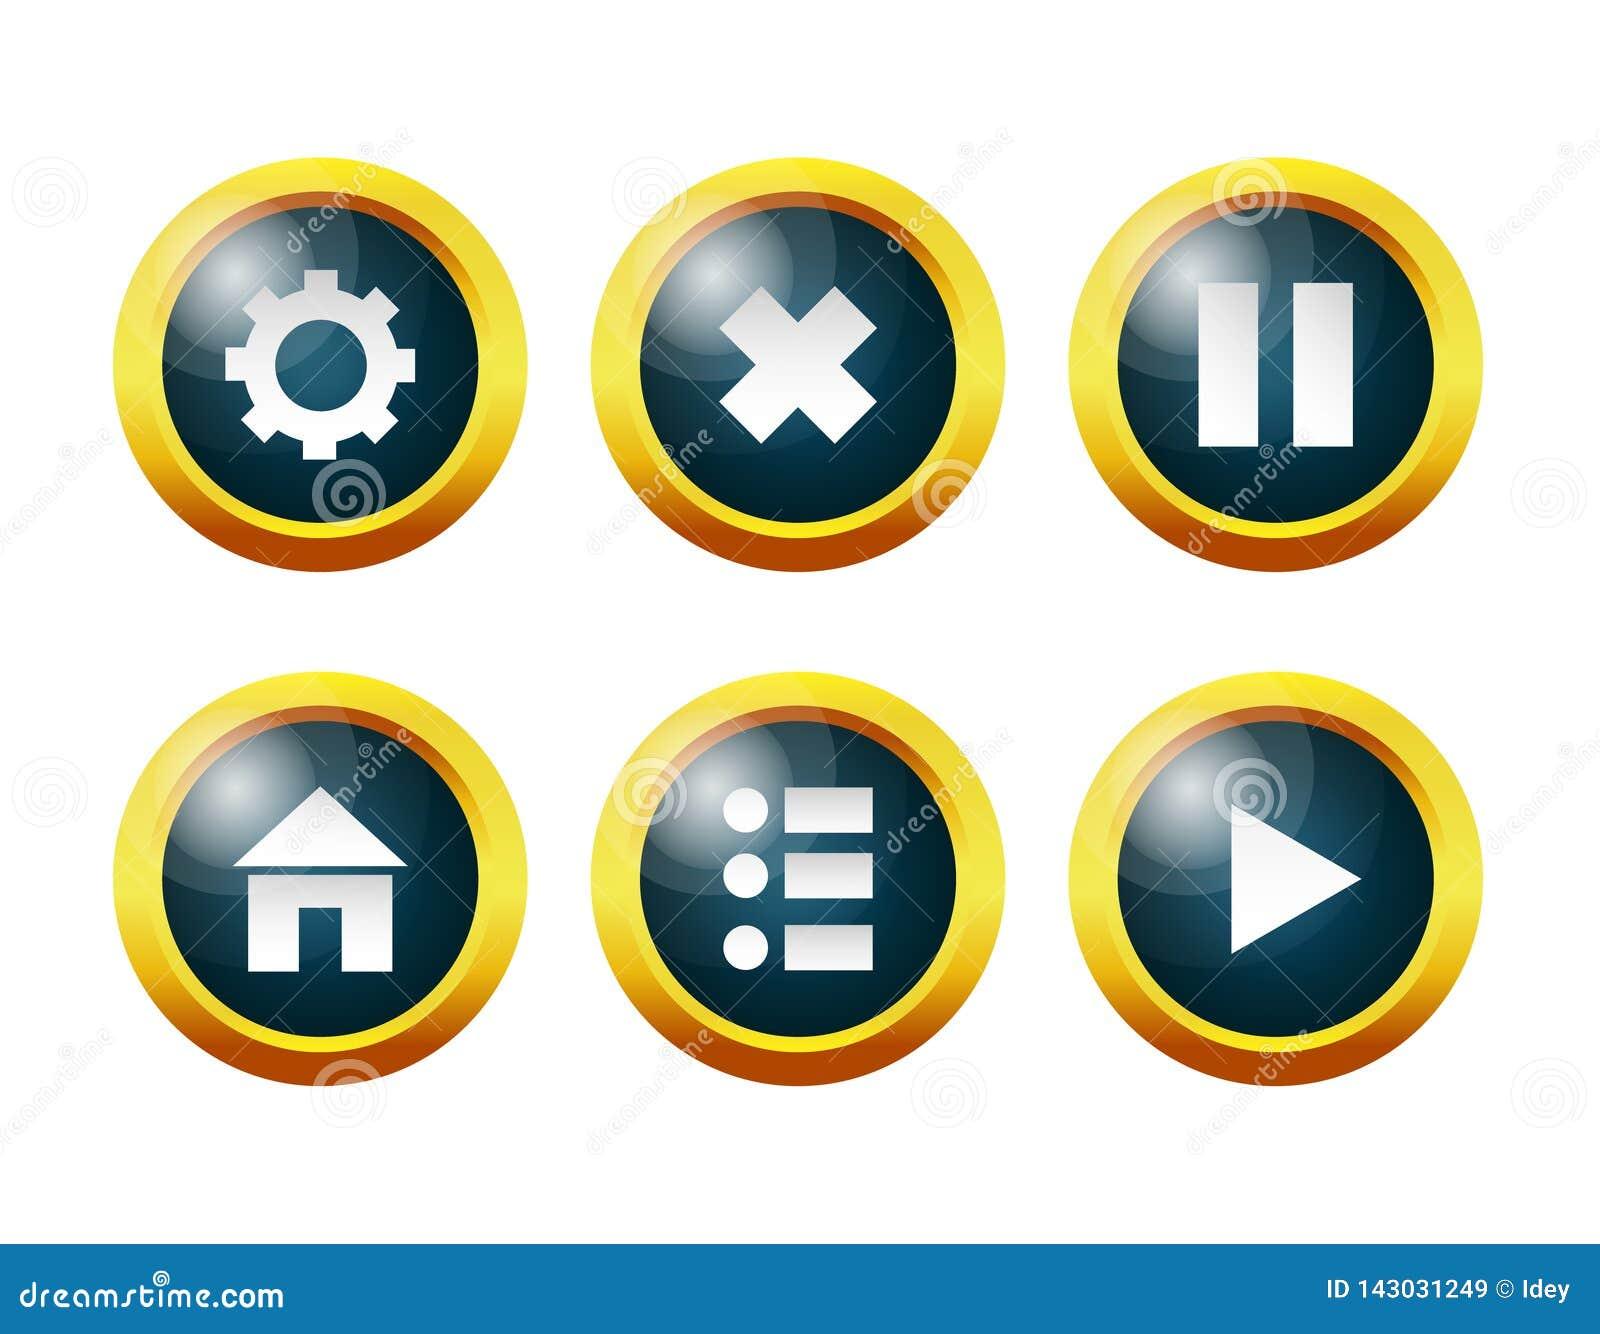 玻璃按钮:设置,菜单,家,停留,继续,退出比赛